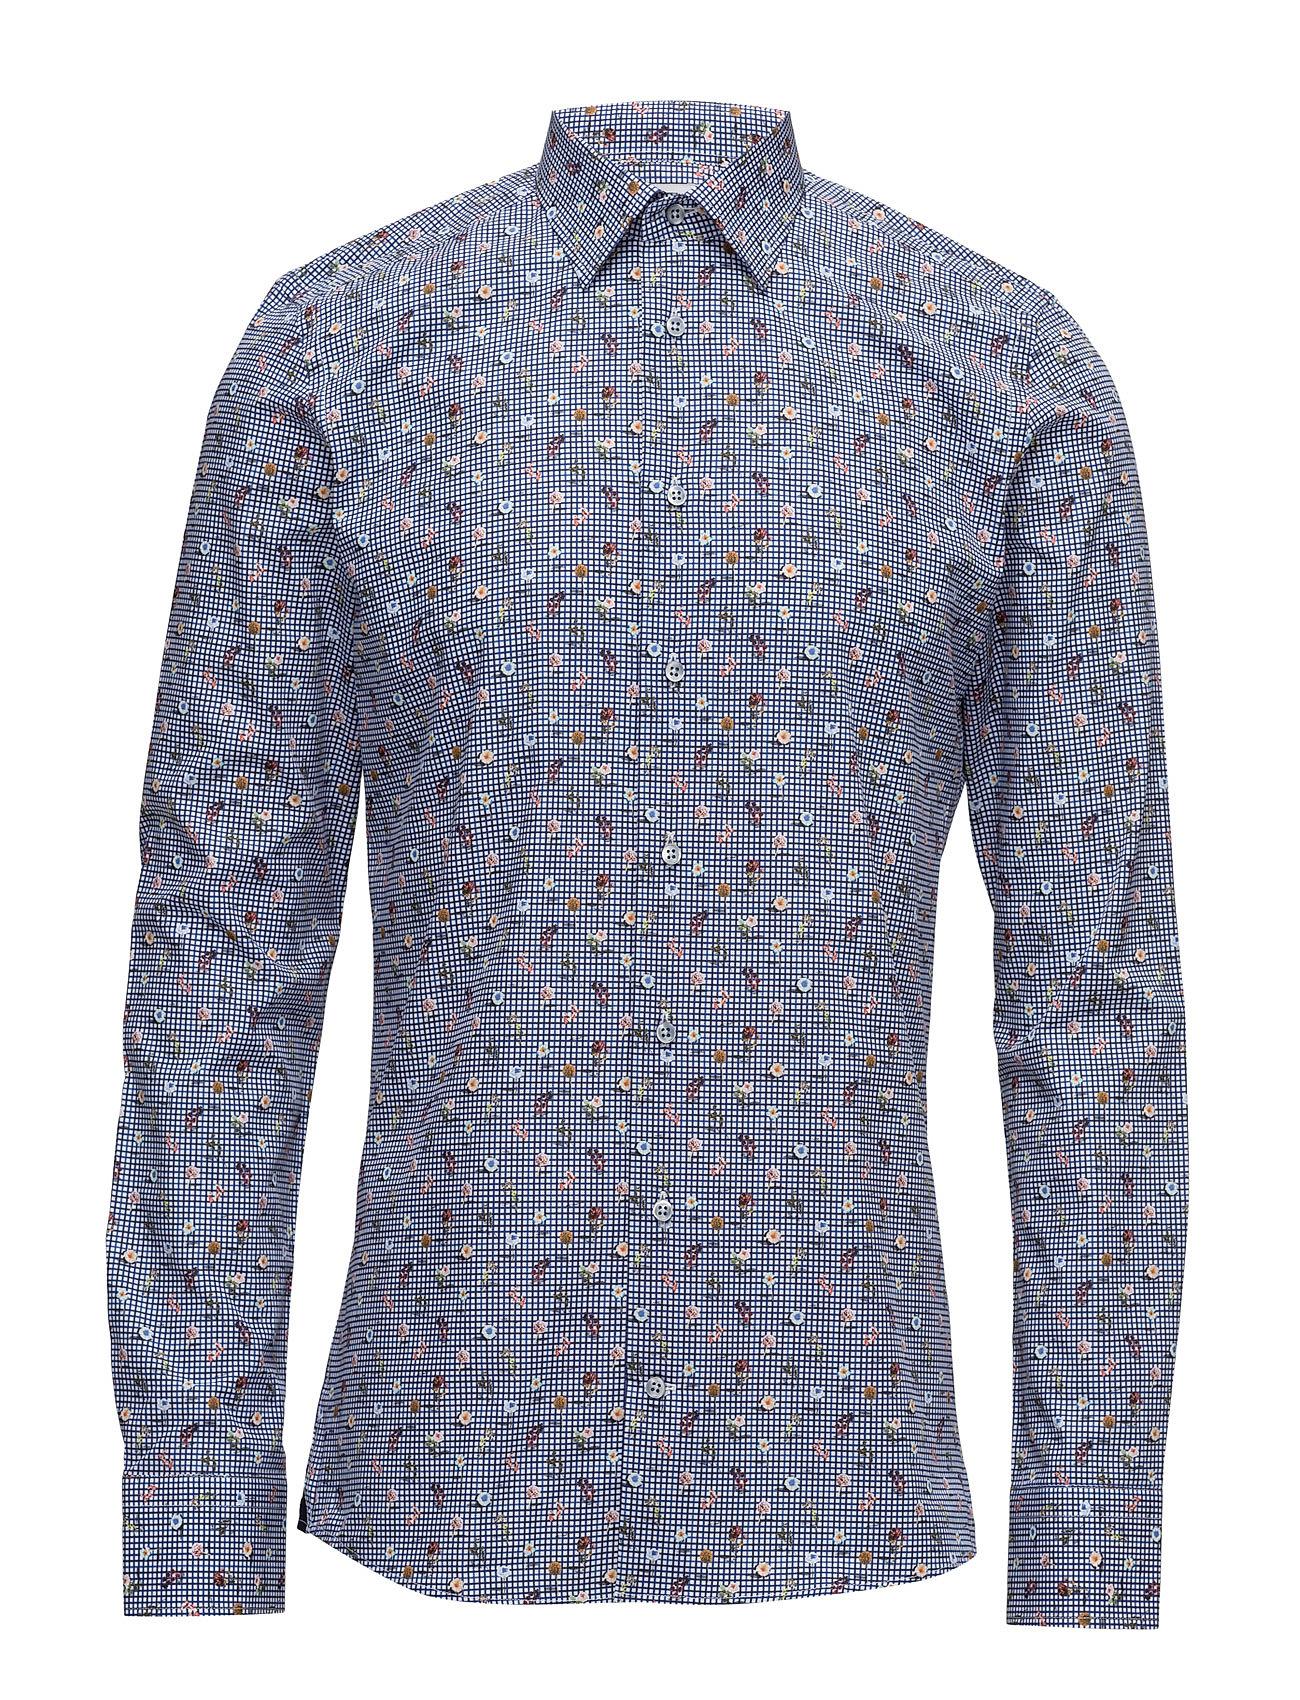 8853 - jake sc fra xo shirtmaker fra boozt.com dk